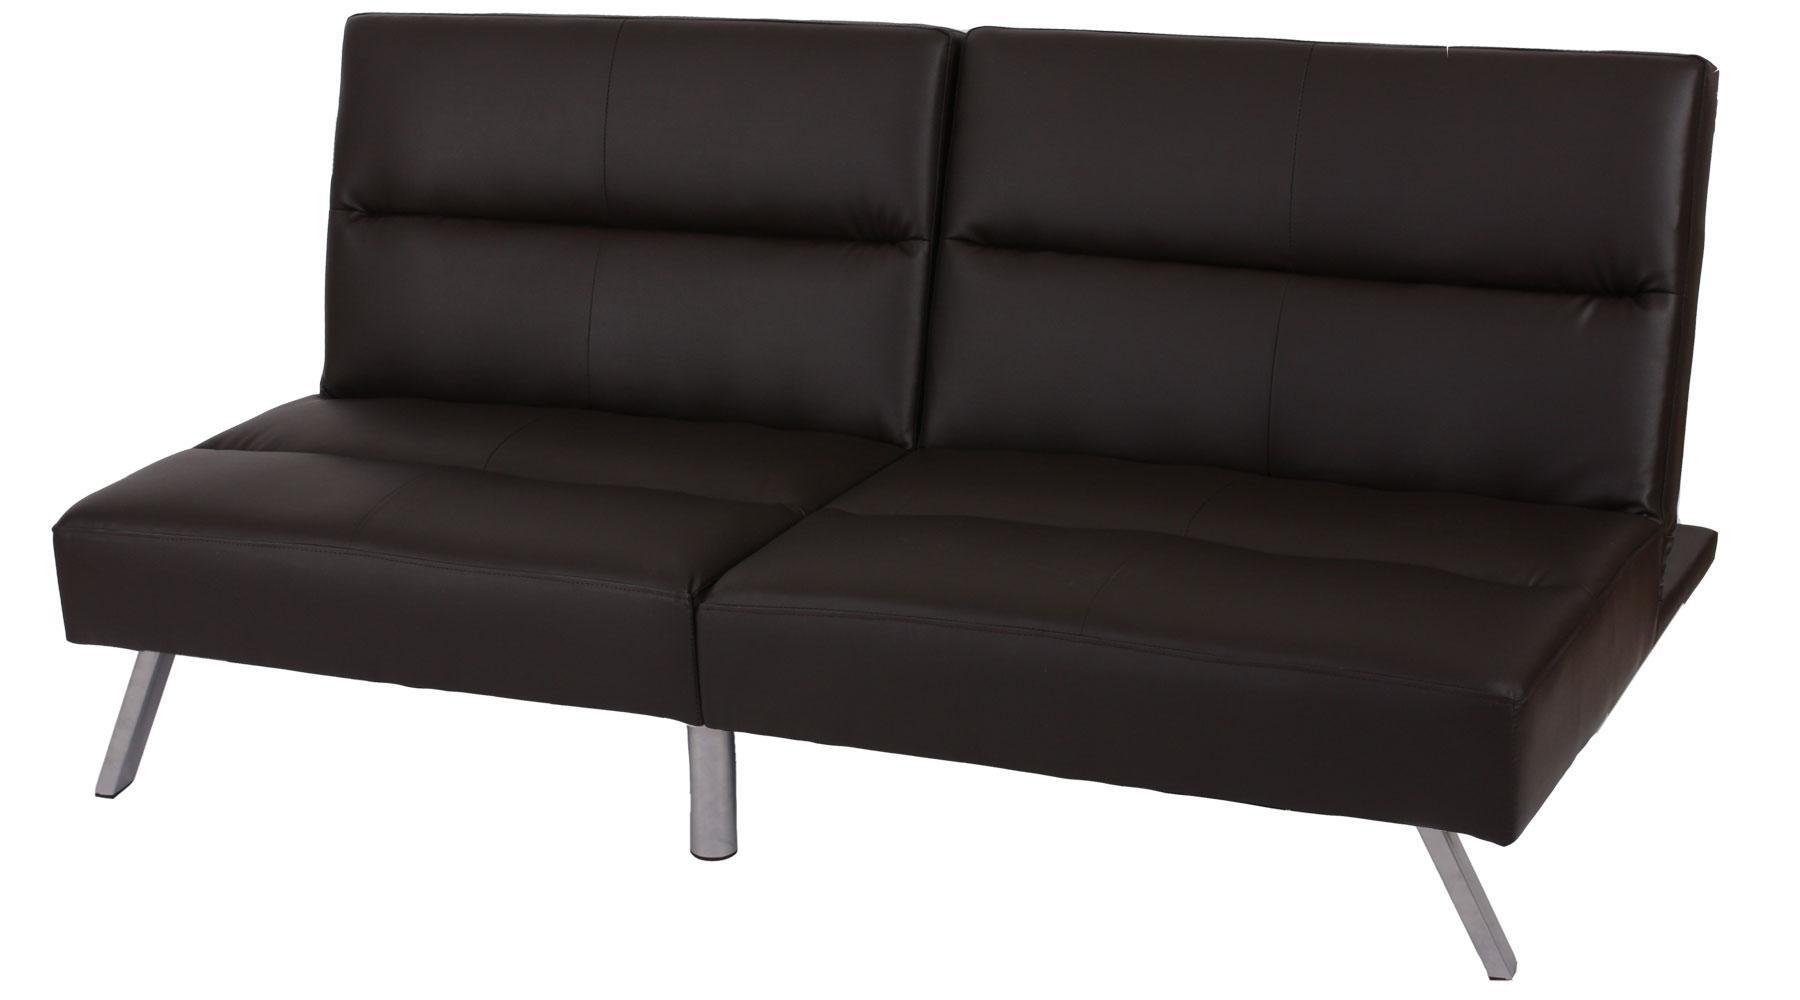 Sof plegable de 3 plazas romeo muy vers til y c modo en piel color marr n sof plegable 3 - Sofas muy comodos ...